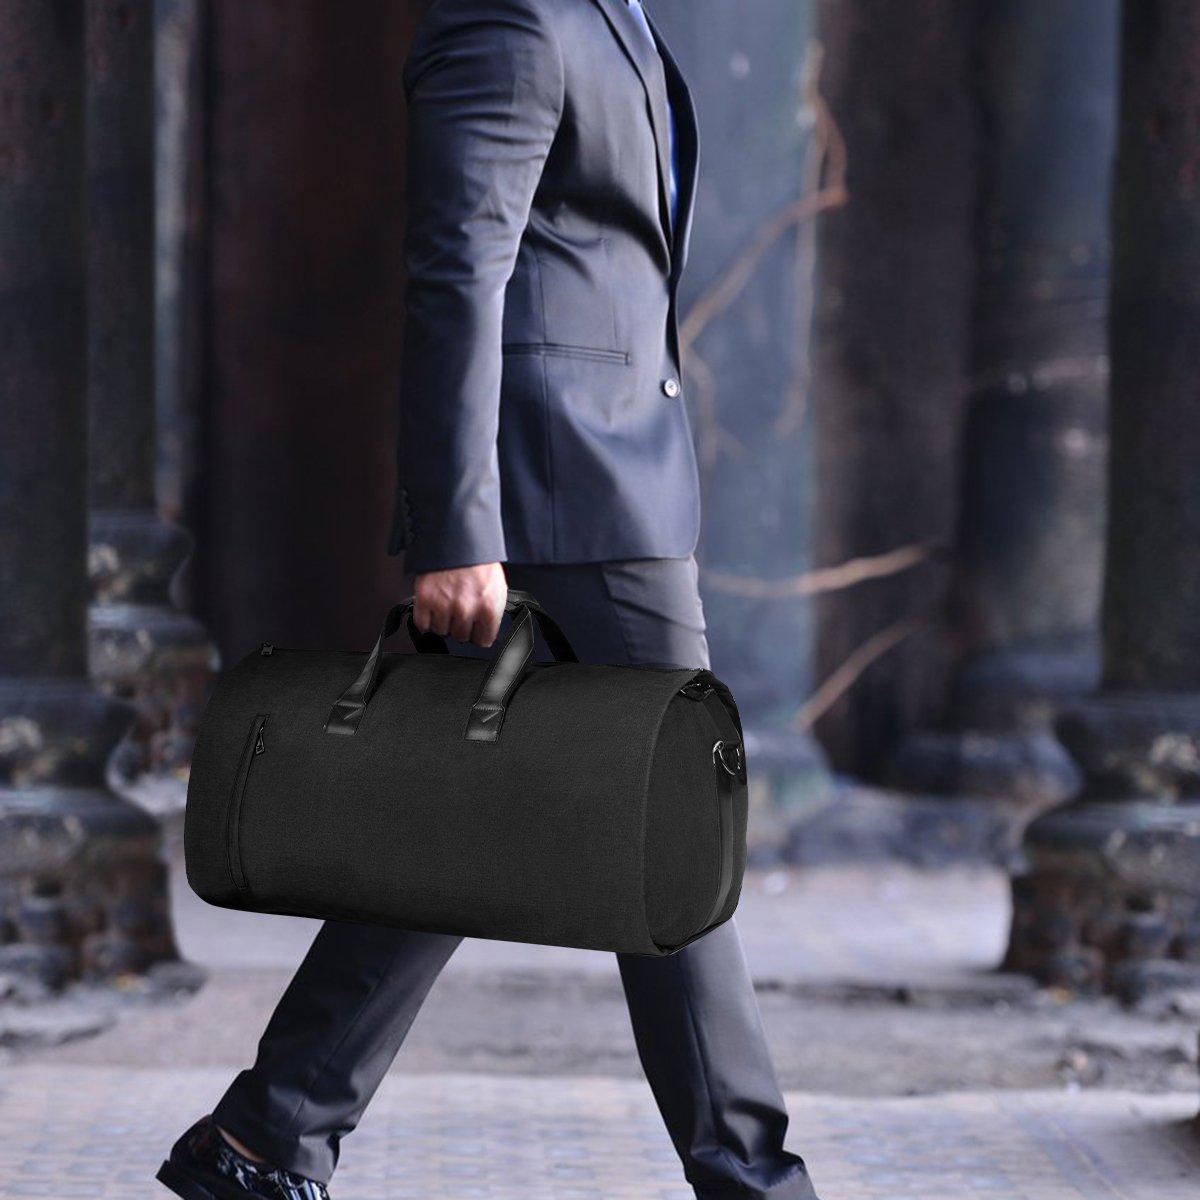 Carry-on Garment Bag Suit Travel Bag Duffel Bag Weekend Bag Flight Bag Gym Bag - Black by UNIQUEBELLA (Image #8)